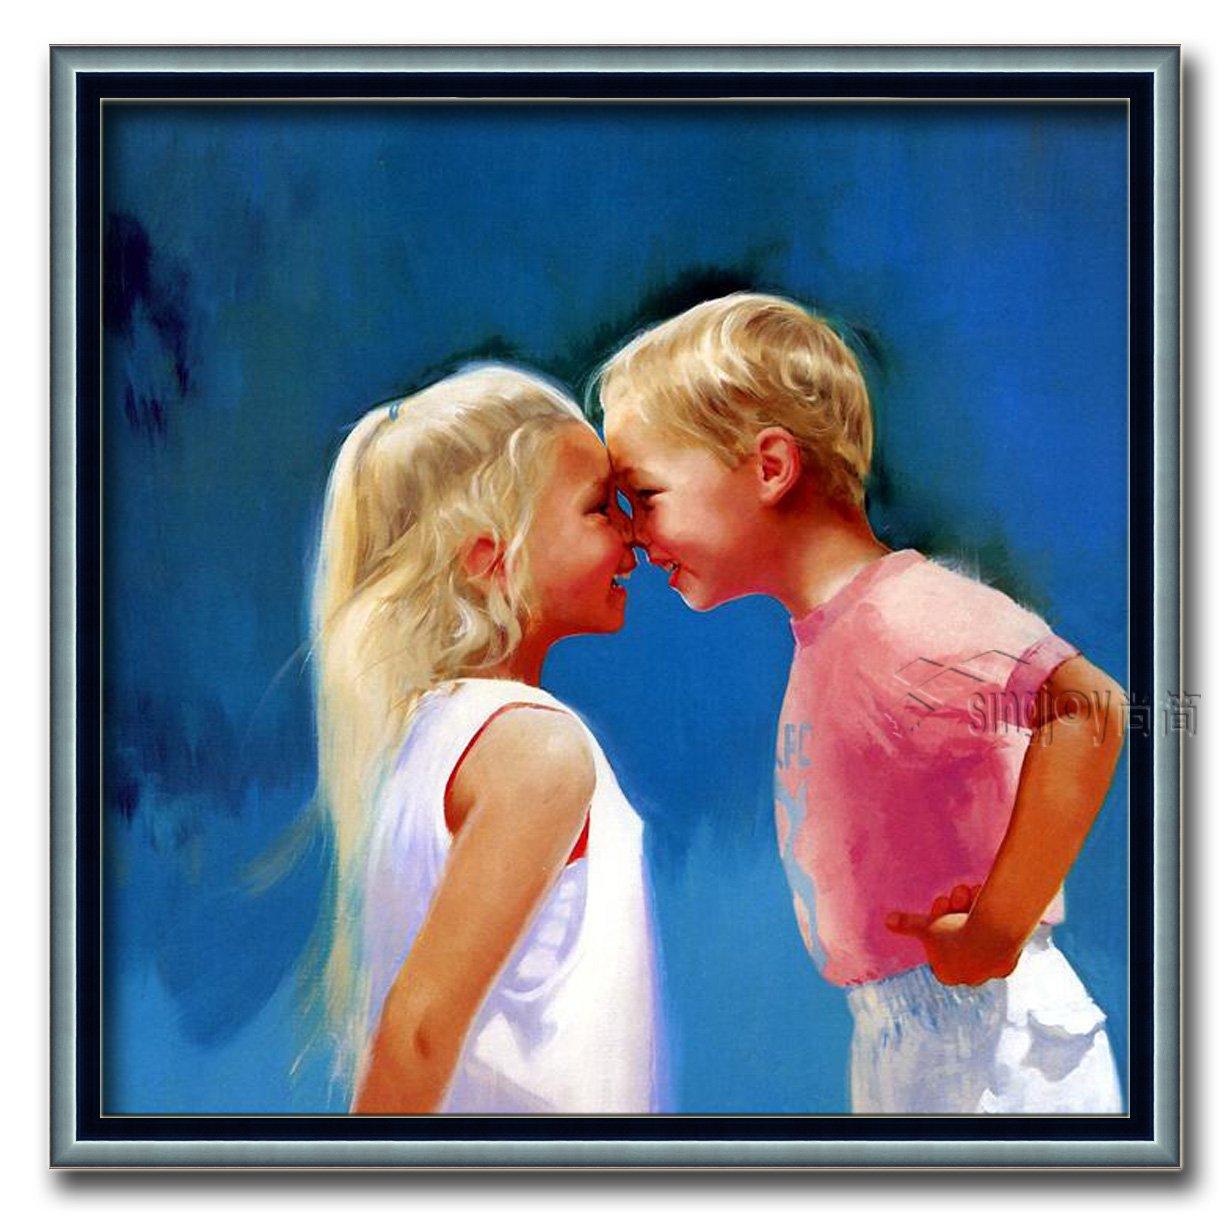 尚简 家居客厅欧式壁挂装饰纯手绘儿童油画donald zolan 碰鼻子 七字